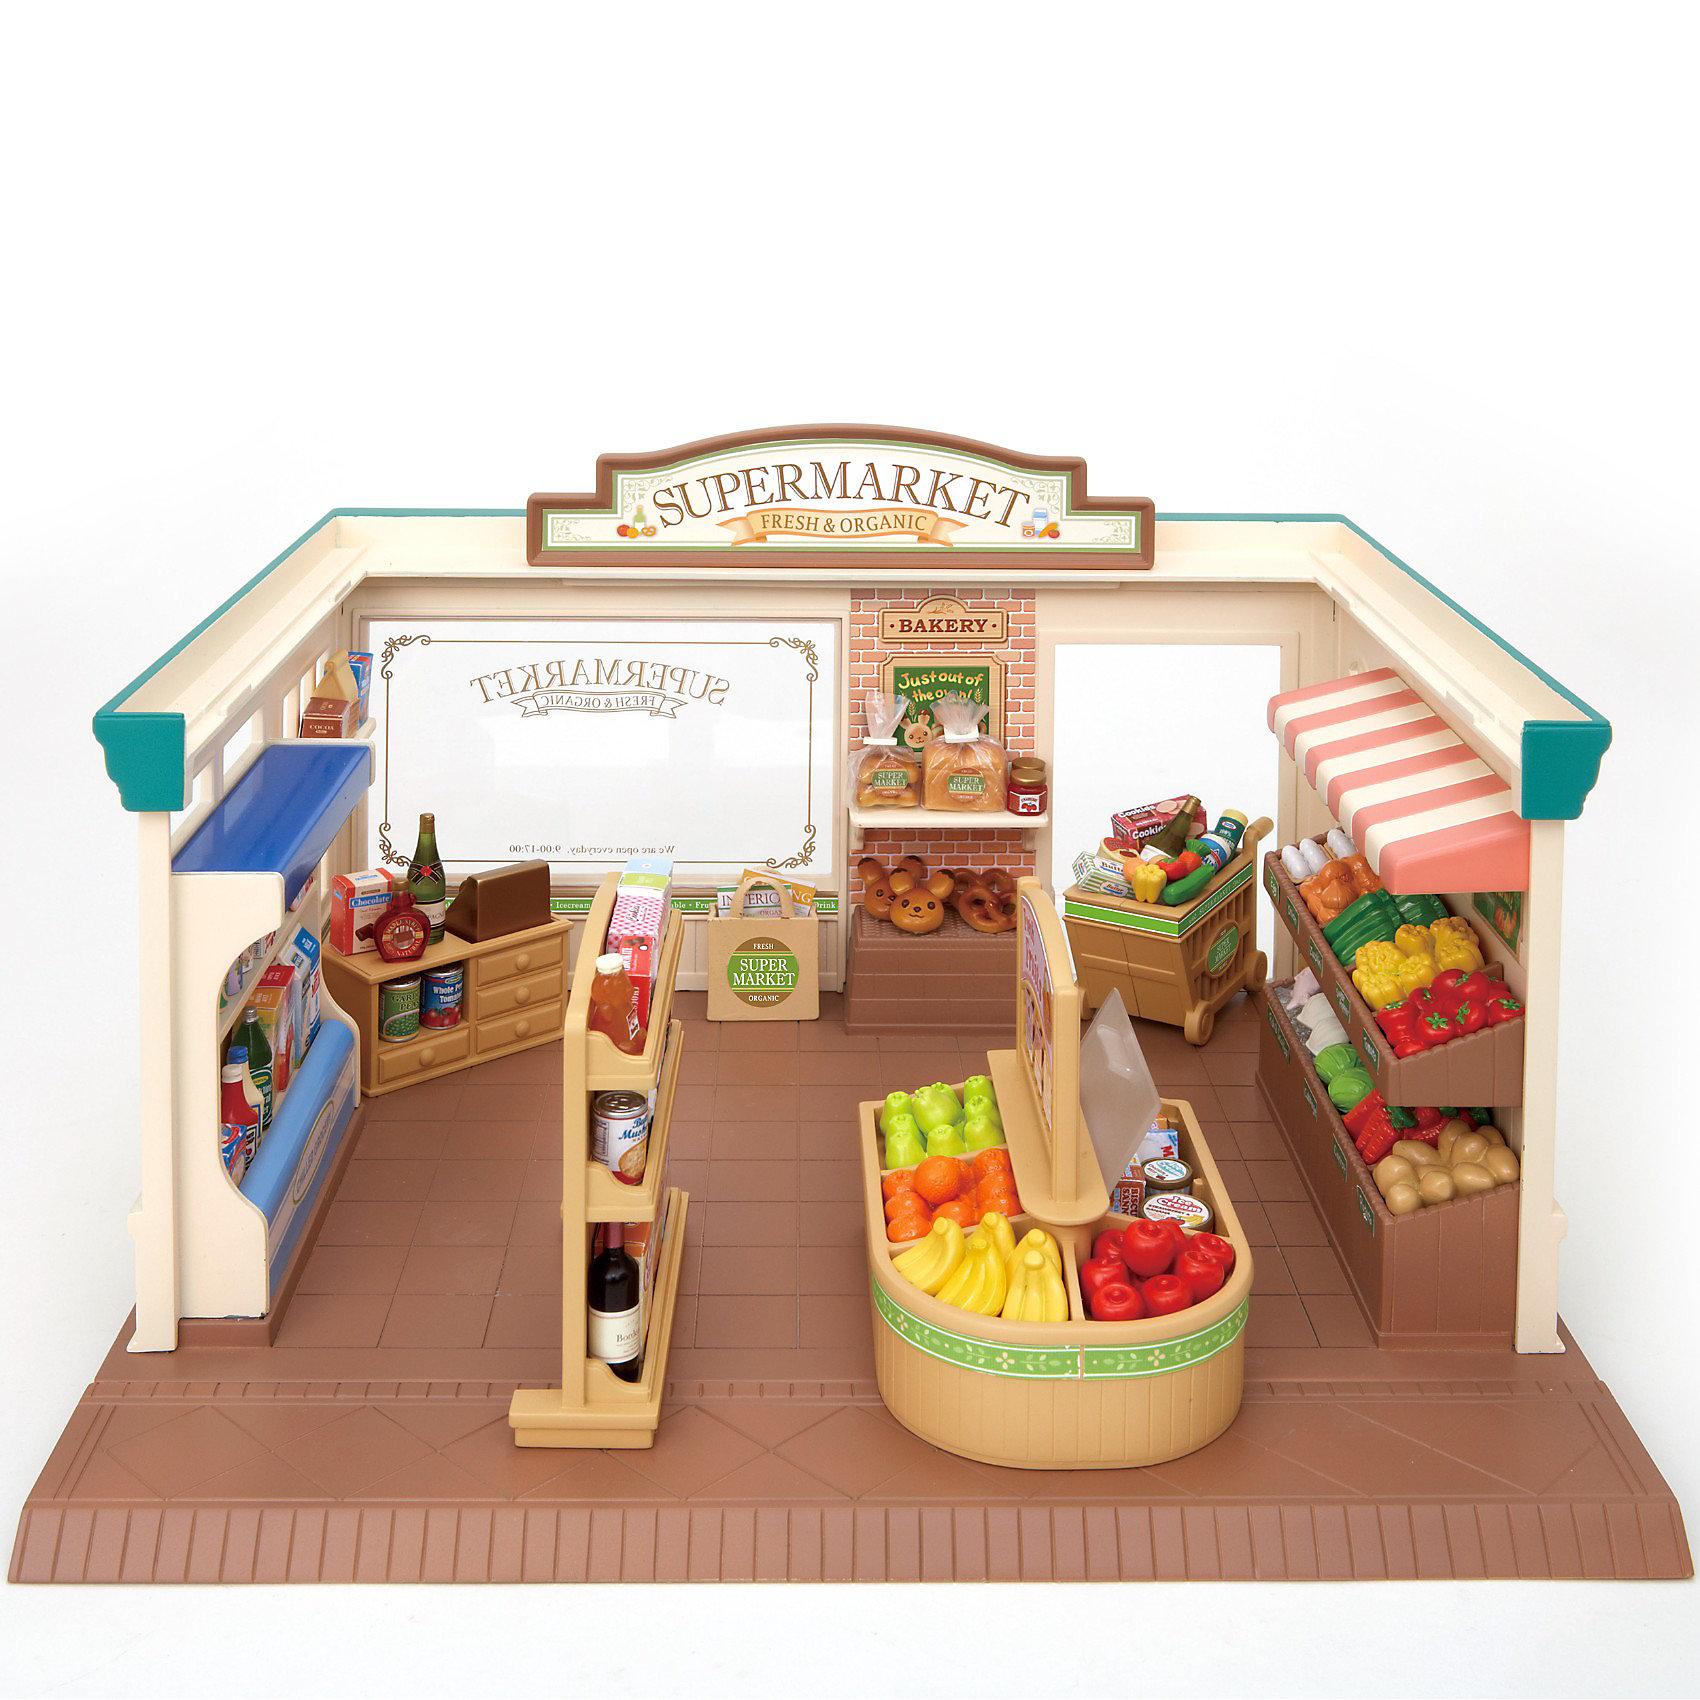 Набор Супермаркет, Sylvanian FamiliesНабор Супермаркет, Sylvanian Families - игровой набор, который наверняка порадует Вашего ребенка.<br>Супермаркет оборудован полками и стеллажами для продаваемых товаров, а также кассовым аппаратом.<br>В наборе также есть тележка для покупок покупателей и набор из продуктов и товаров, продаваемых в супермаркете (всевозможные баночки, коробочки, бутылочки, овощи, выпечка и др.)<br><br>Дополнительная информация:<br><br>- Совмещается с набором: «Магазин игрушек», «Магазин конфет» и «Трехэтажный дом».<br>- Размеры коробки: 32х19х26 см<br>- Фигурки персонажей в набор не входят<br><br>Набор Супермаркет, Sylvanian Families можно купить в нашем интернет магазине.<br><br>Ширина мм: 326<br>Глубина мм: 263<br>Высота мм: 195<br>Вес г: 1331<br>Возраст от месяцев: 36<br>Возраст до месяцев: 72<br>Пол: Женский<br>Возраст: Детский<br>SKU: 3345295